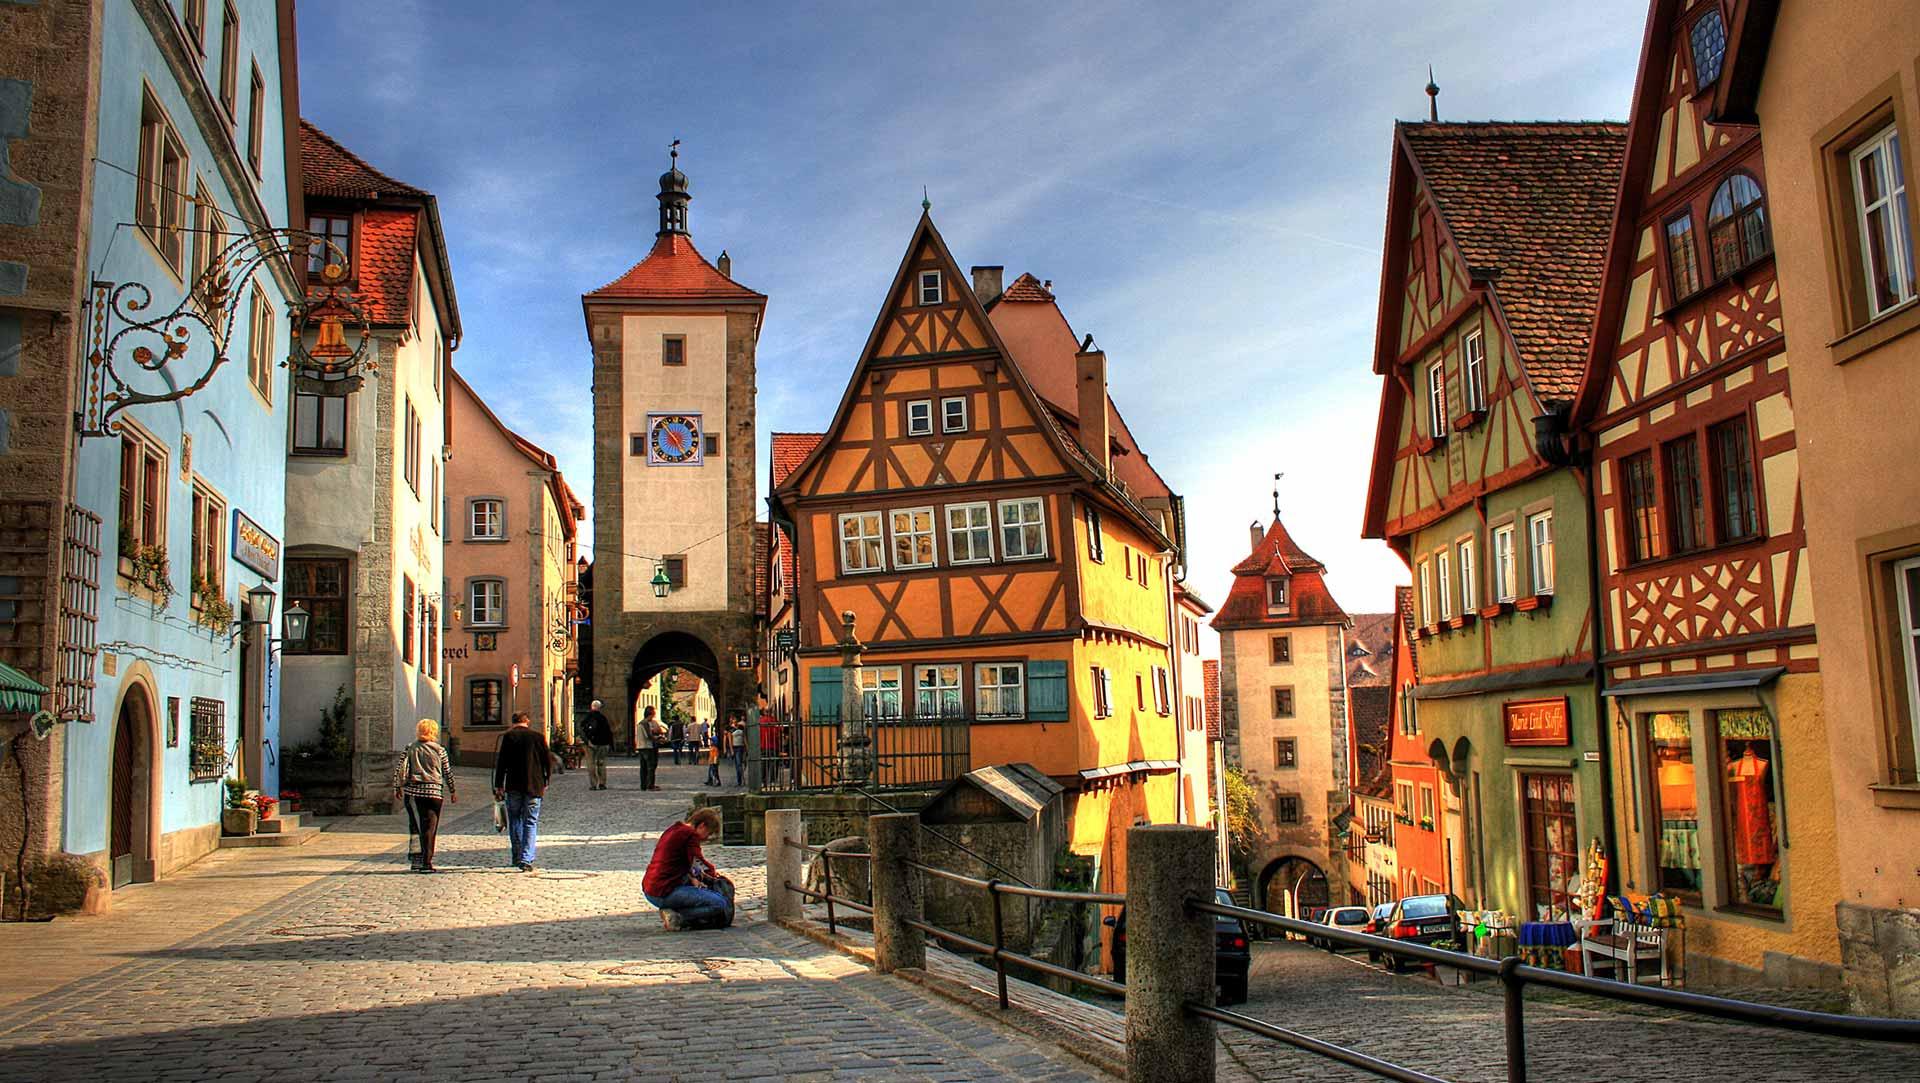 Het fraaie middeleeuwse stadje Rothenburg ob der Tauber.